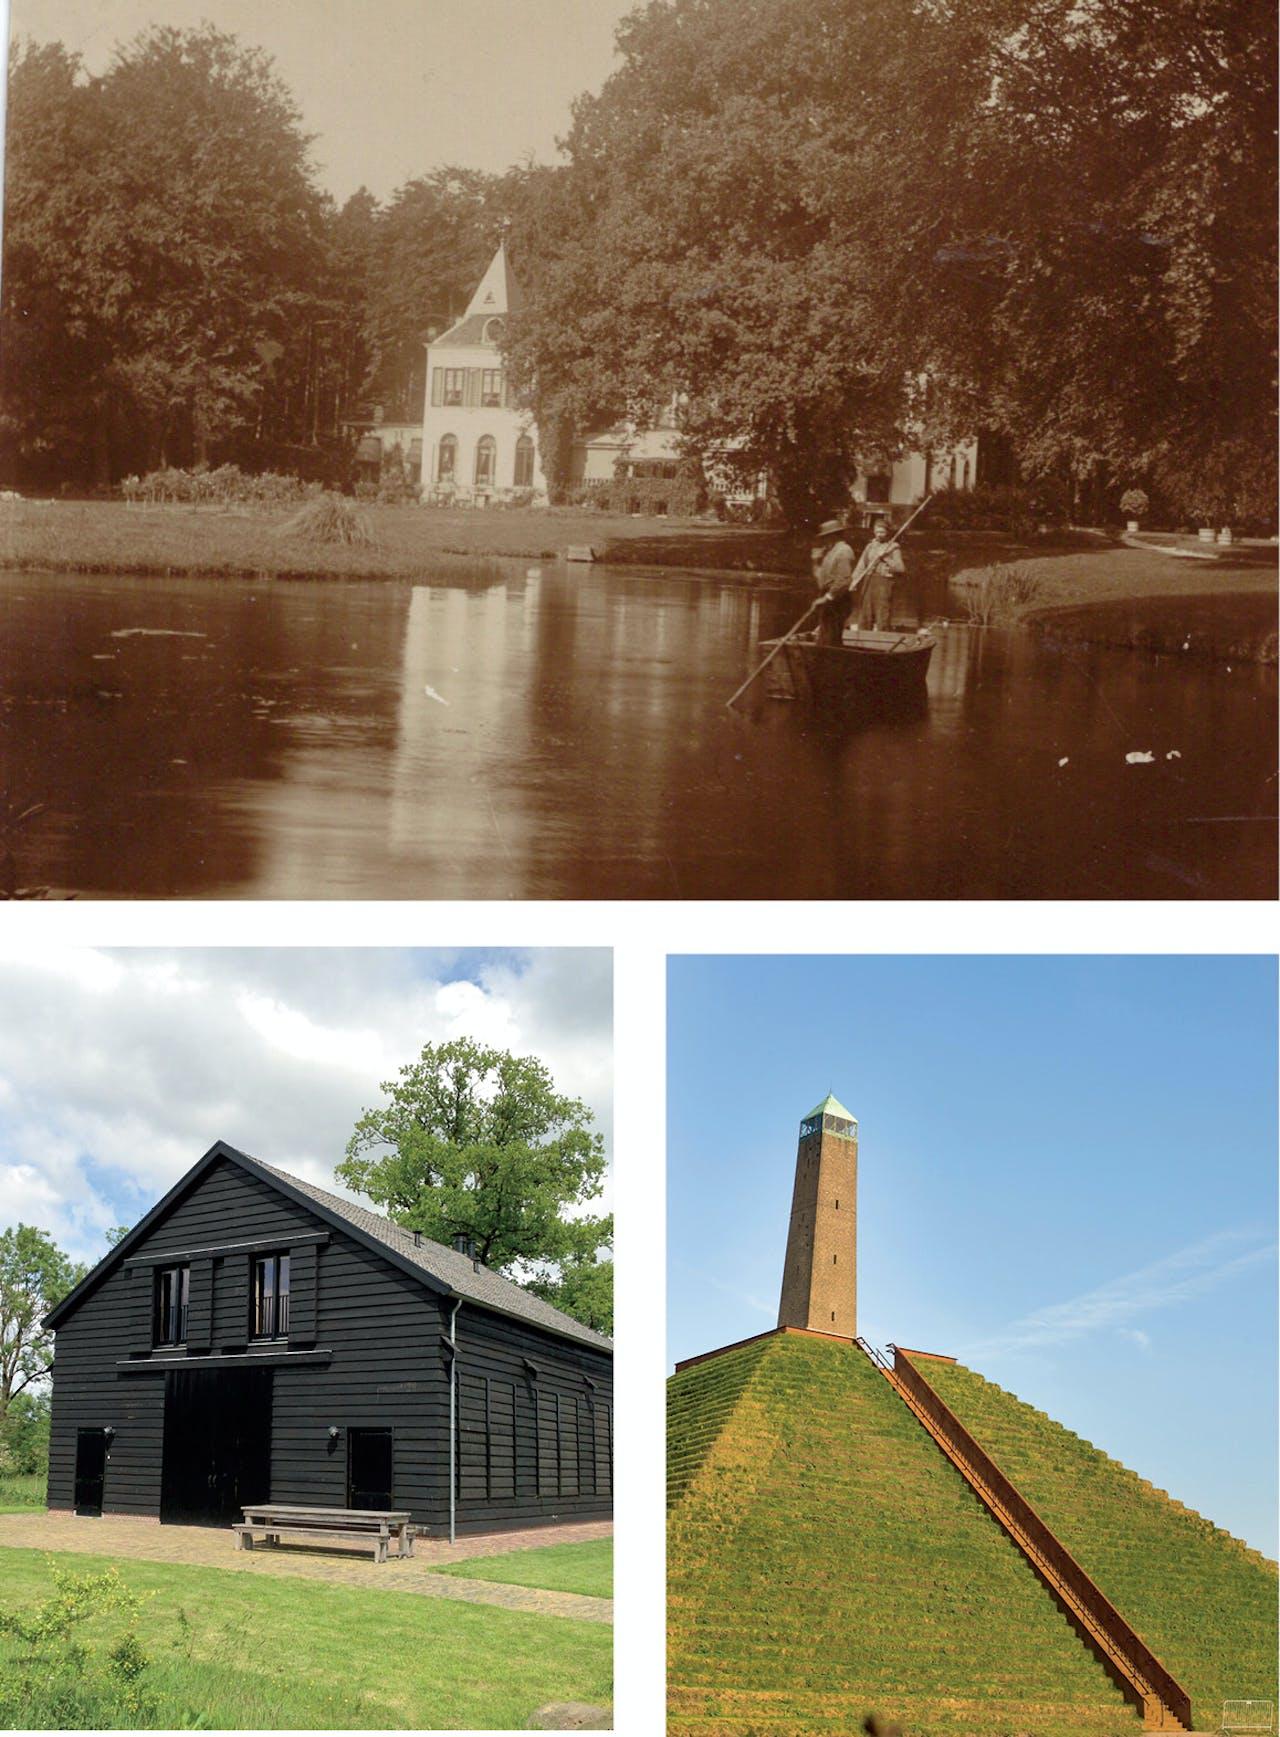 Boven: een oude foto met op de achtergrond Huis Den Treek. Linksonder: de Hopschuur. Onder: de Pyramide van Austerlitz. De obelisk werd in 1804 in 27 dagen gebouwd.